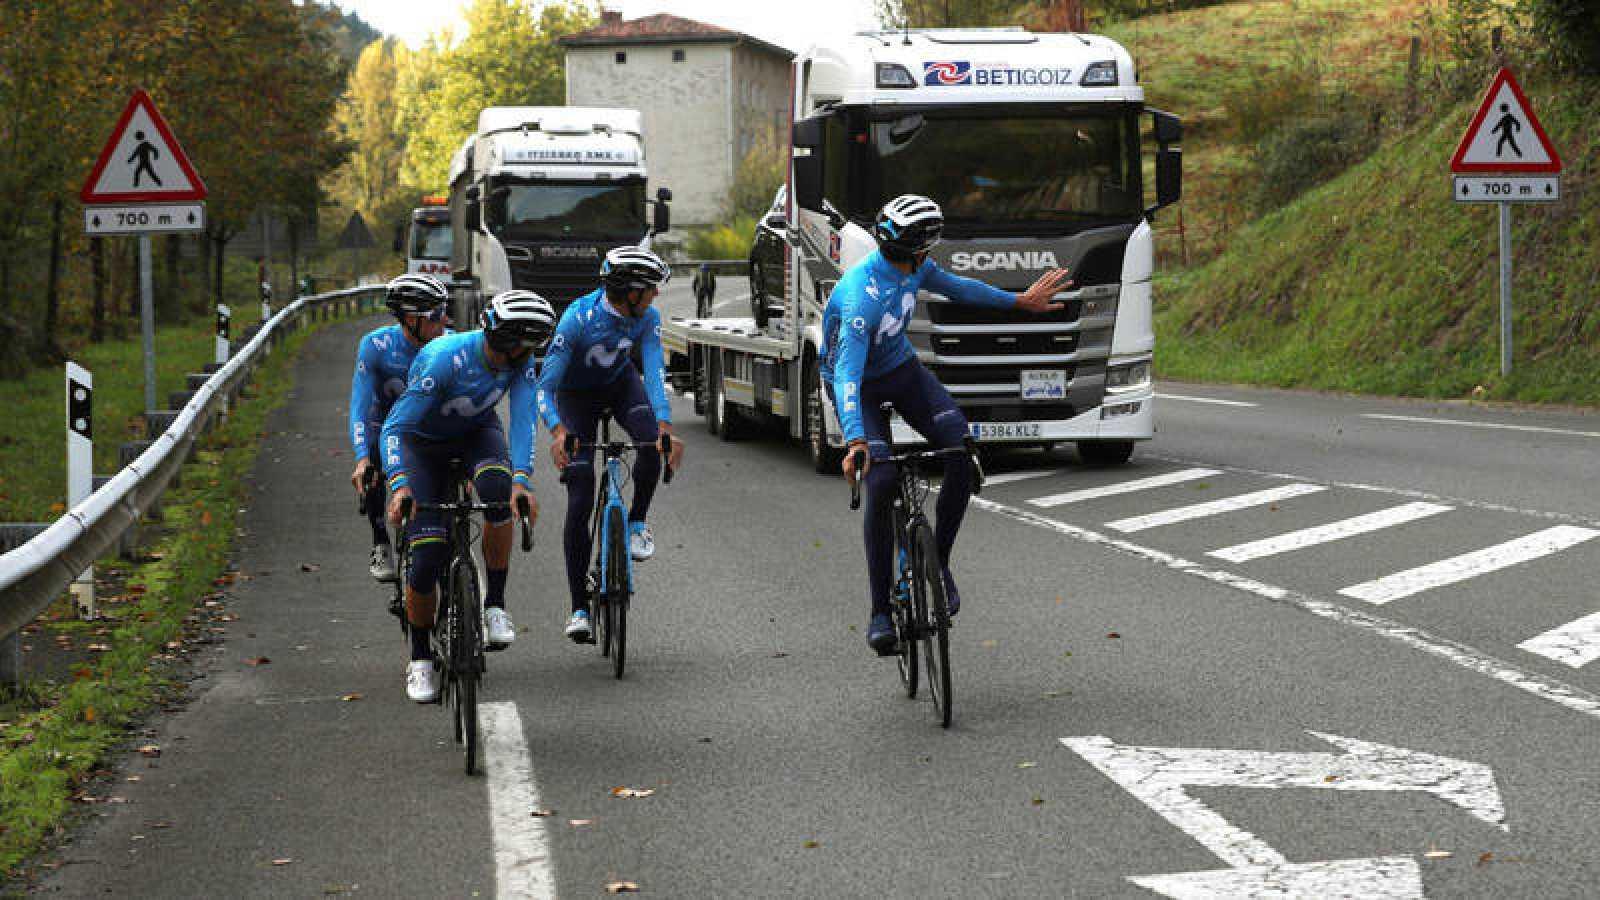 Los ciclistas del equipo Movistar durante un entrenamiento en tierras vascas.